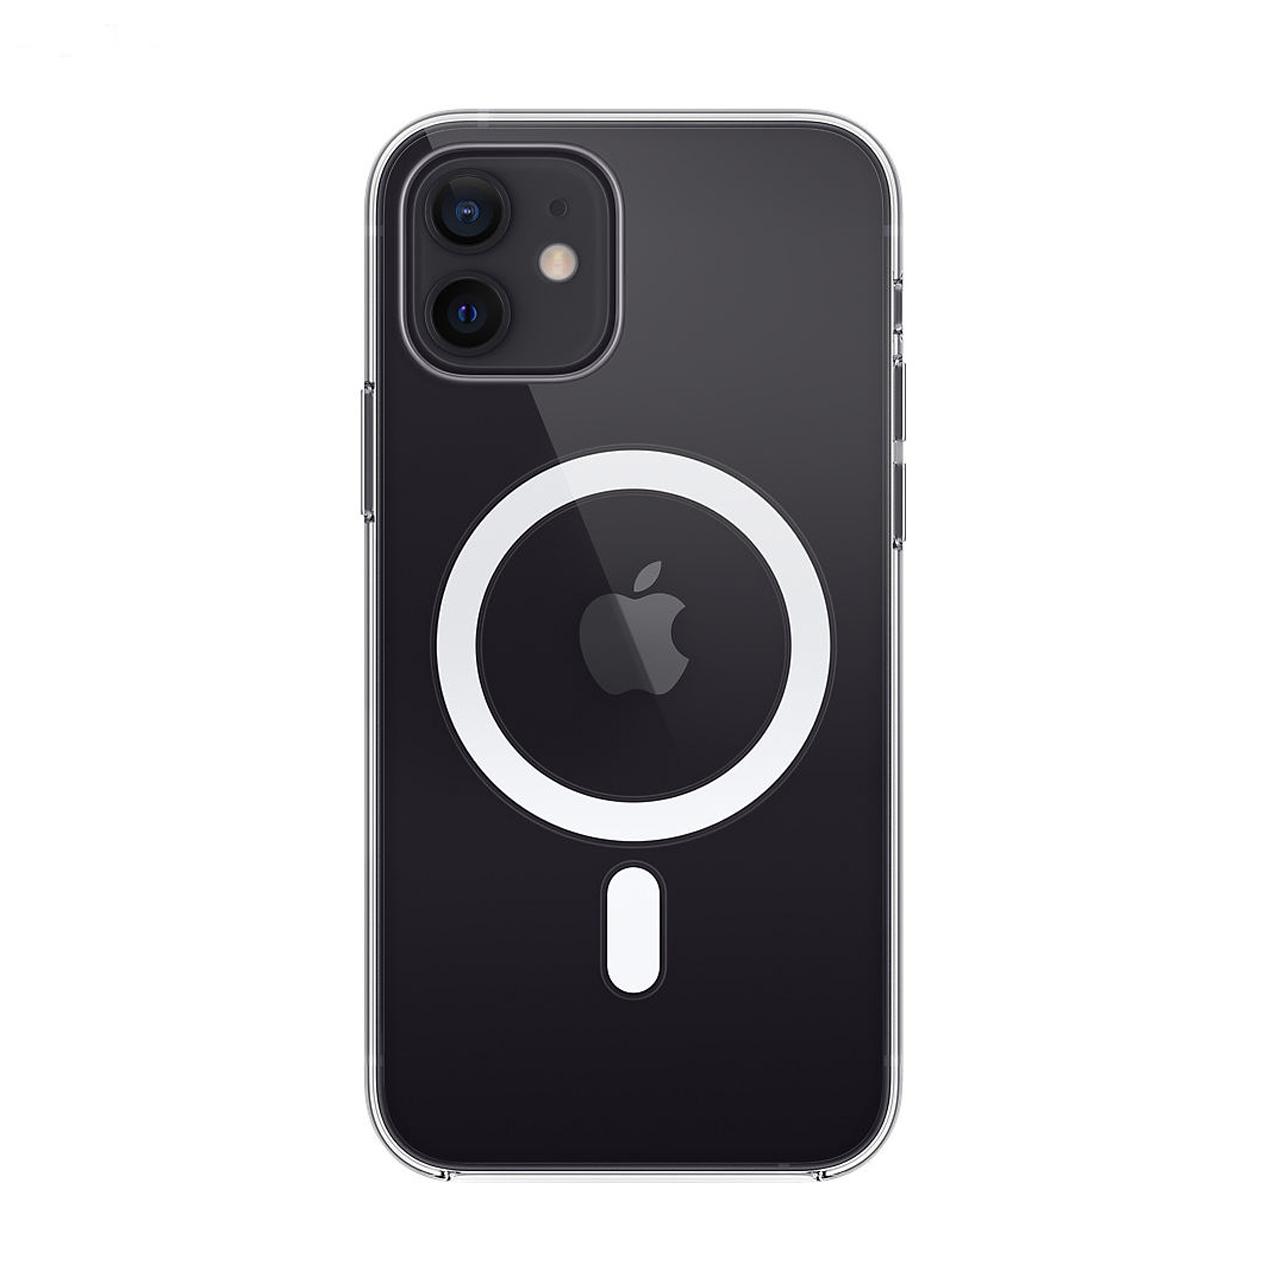 بررسی و {خرید با تخفیف} کاور کلیر کیس مدل MGSF مناسب برای گوشی موبایل اپل iphone 12 Pro اصل